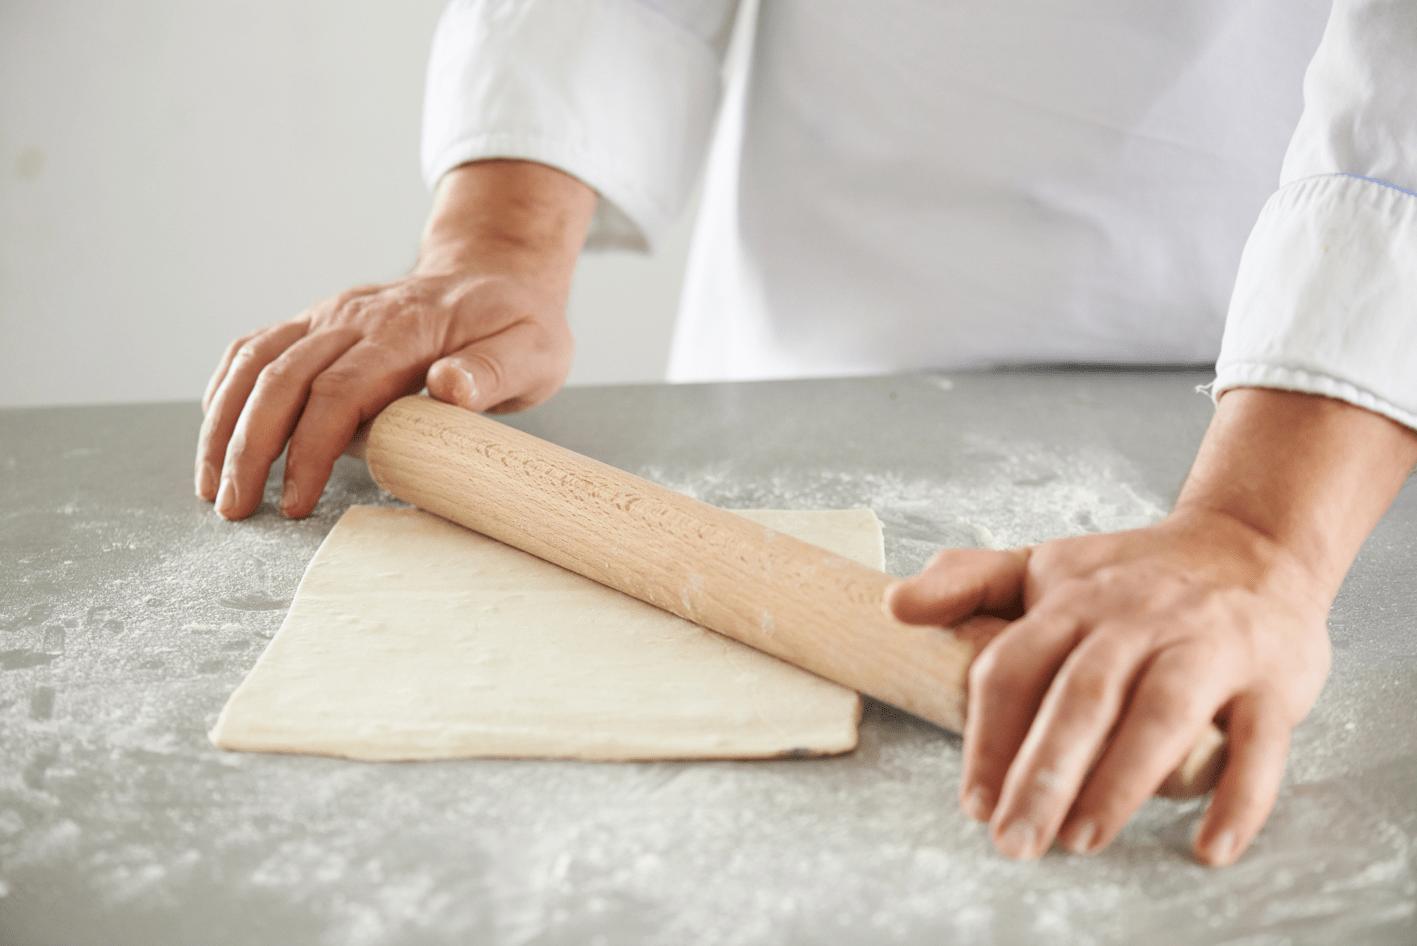 Раскатывать слоеное тесто нужно в одном направлении